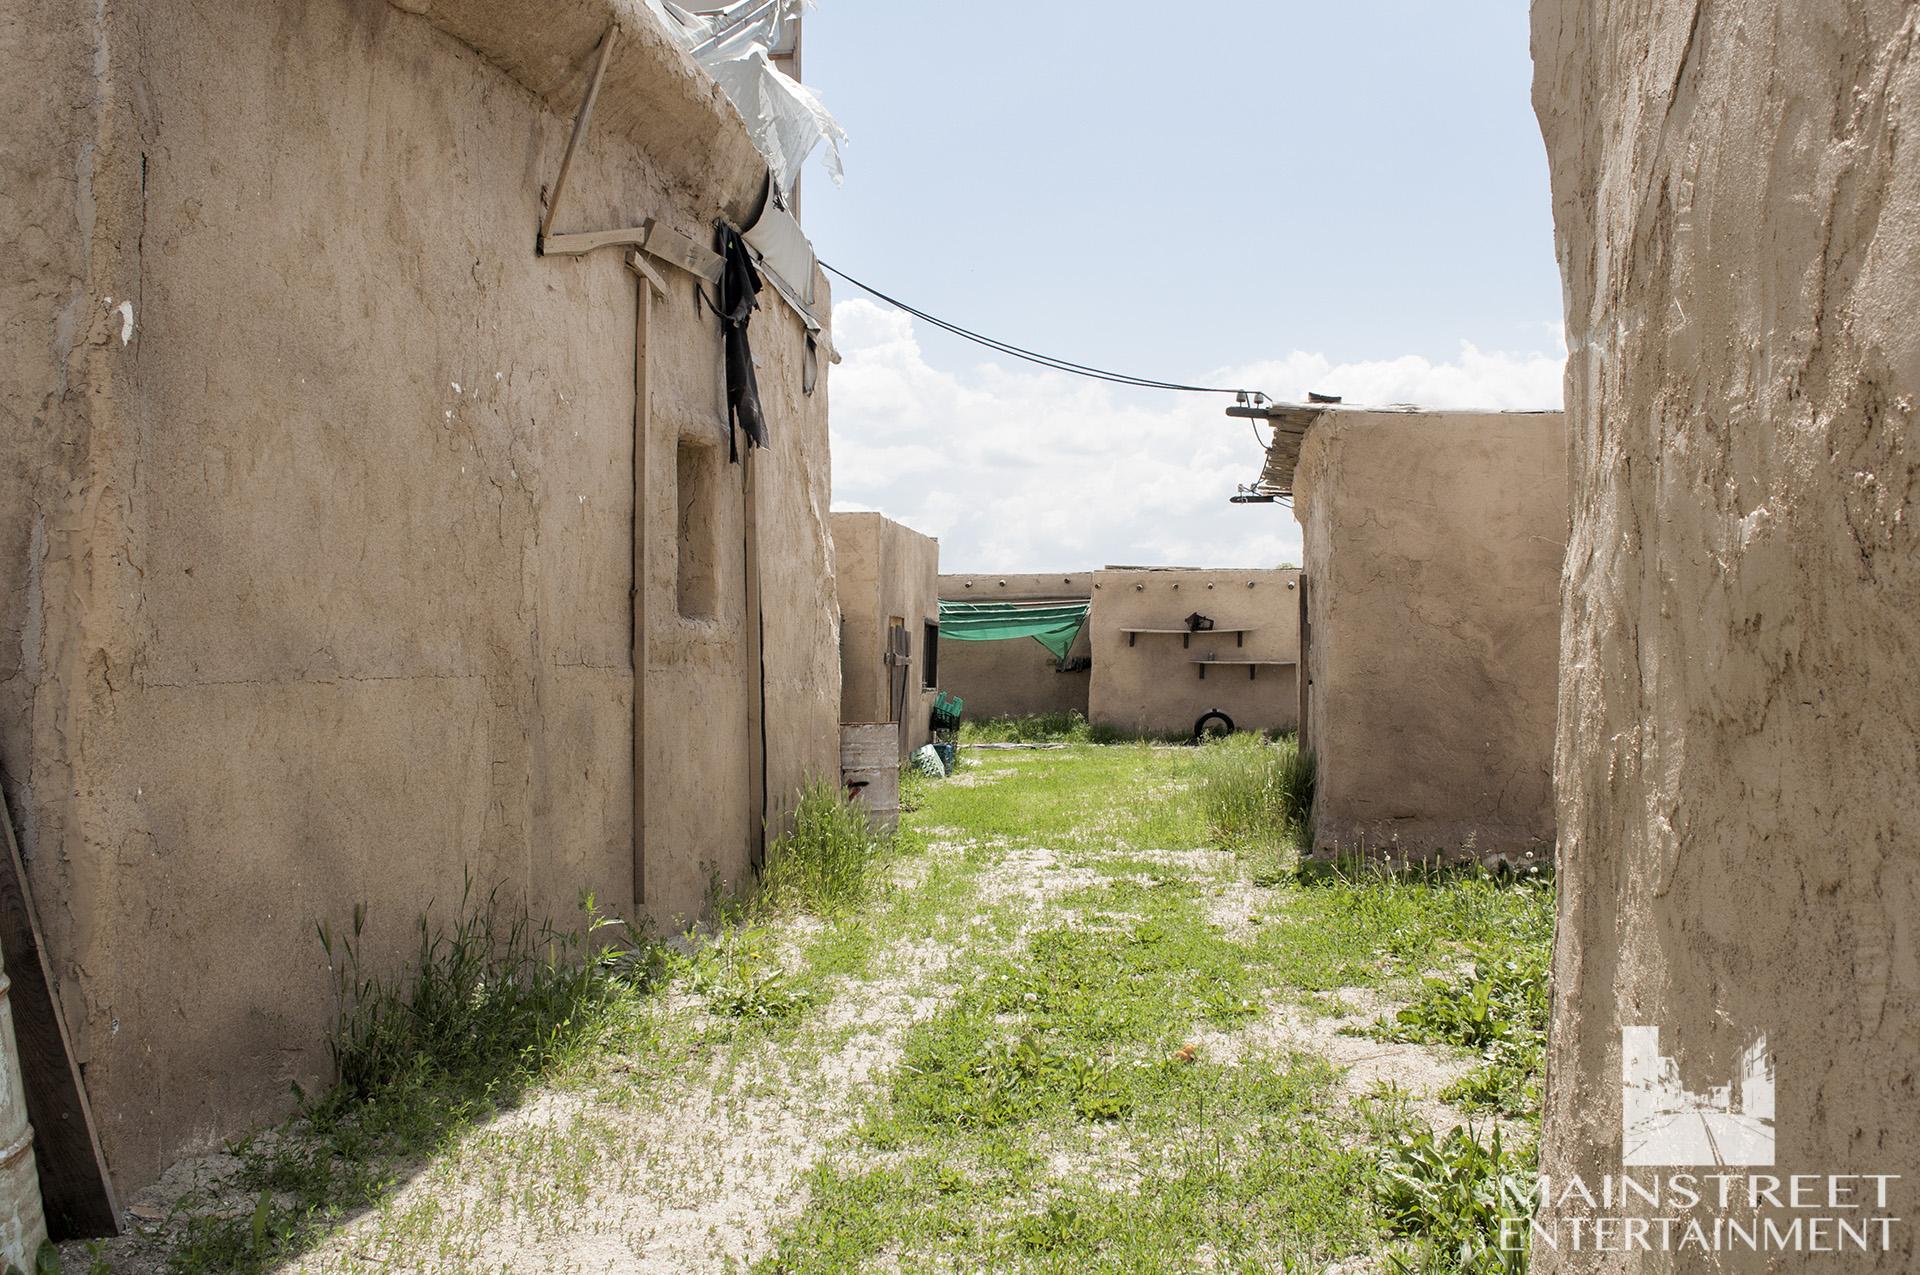 middle east desert village set